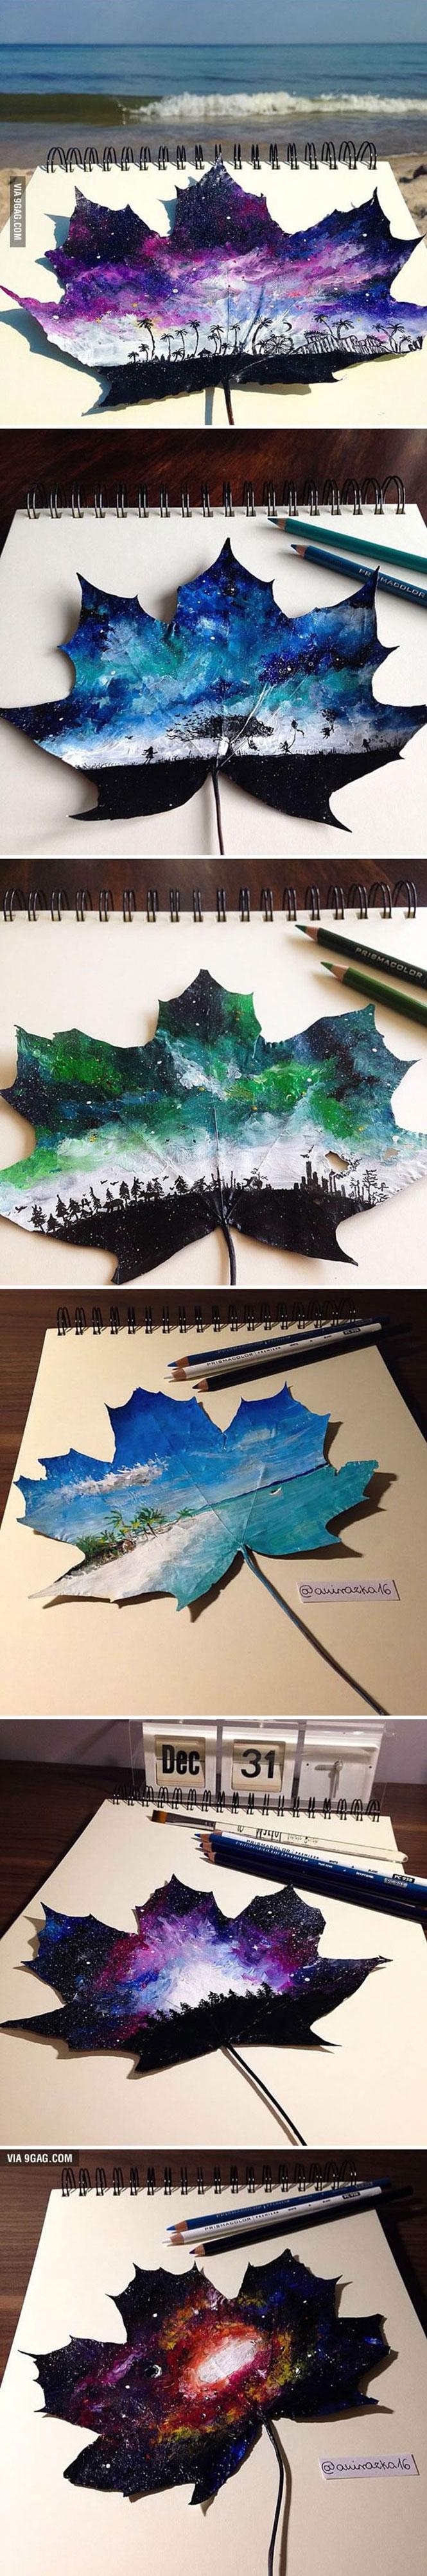 Πολωνή καλλιτέχνις χρησιμοποιεί φθινοπωρινά φύλλα ως καμβά για την ζωγραφική της (2)